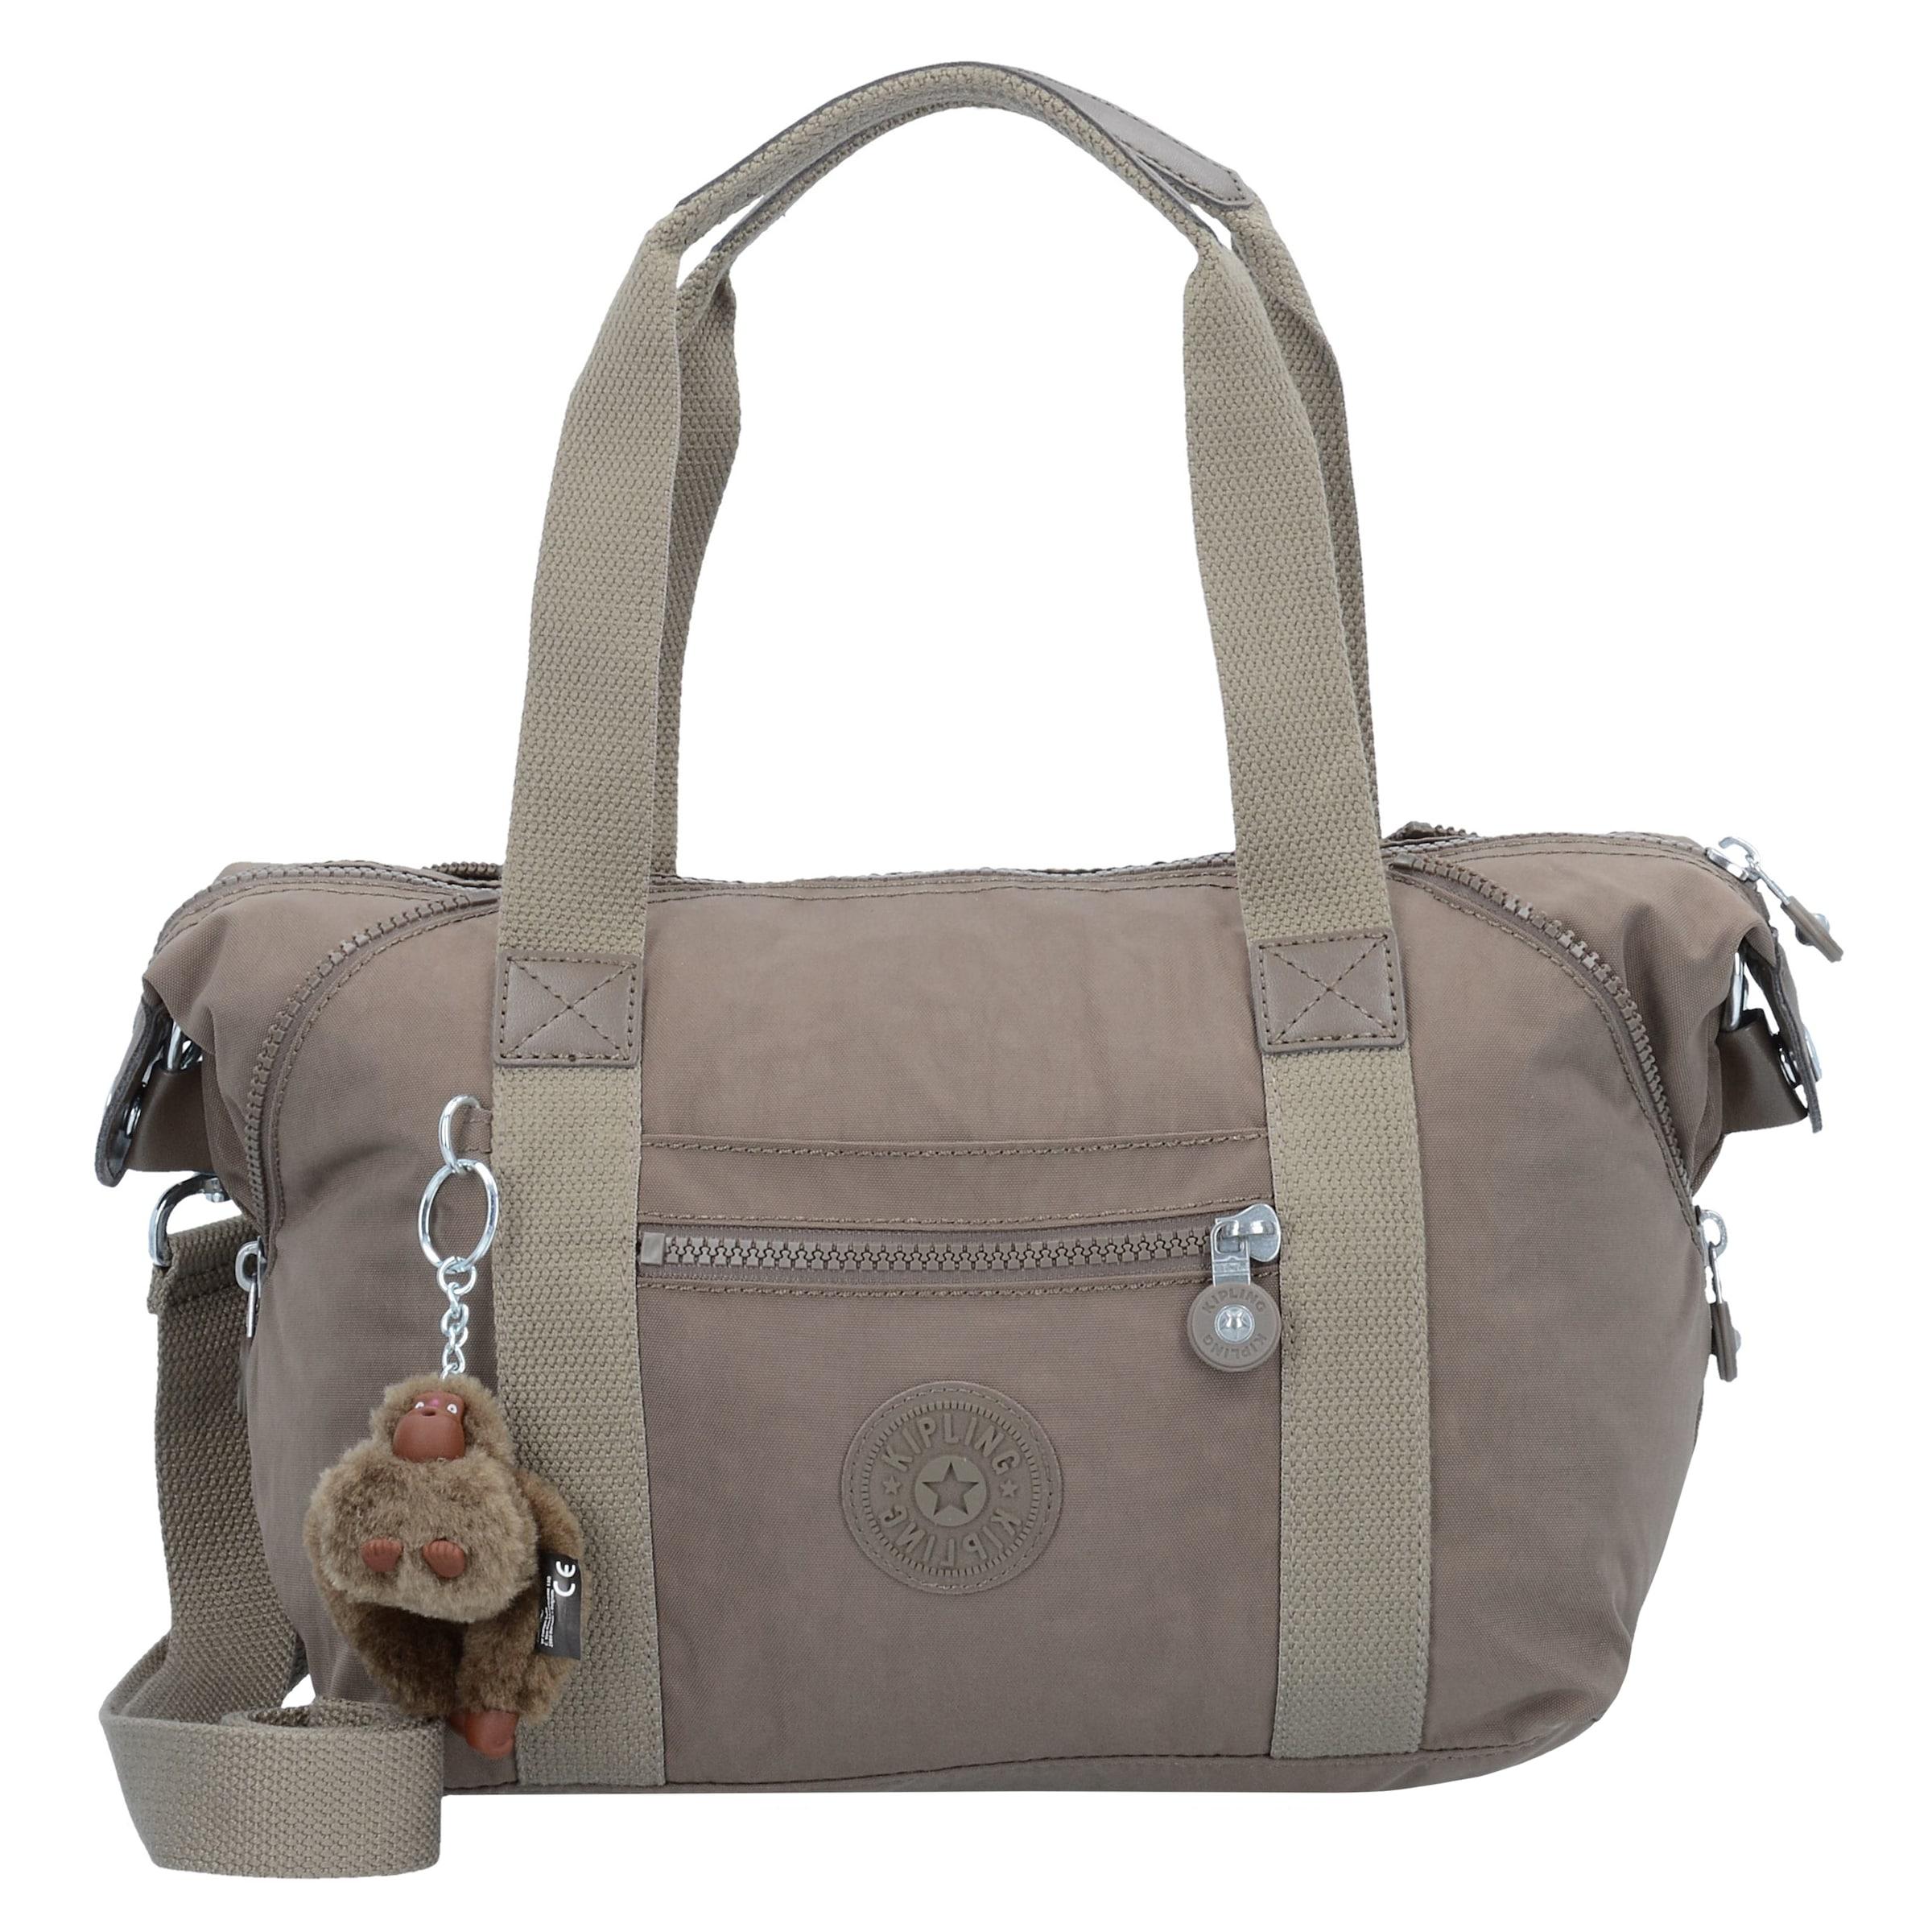 Freies Verschiffen Erschwinglich Rabatt Ebay KIPLING Basic Ewo Handtasche 27 cm Manchester Großer Verkauf Günstig Online BrqFY